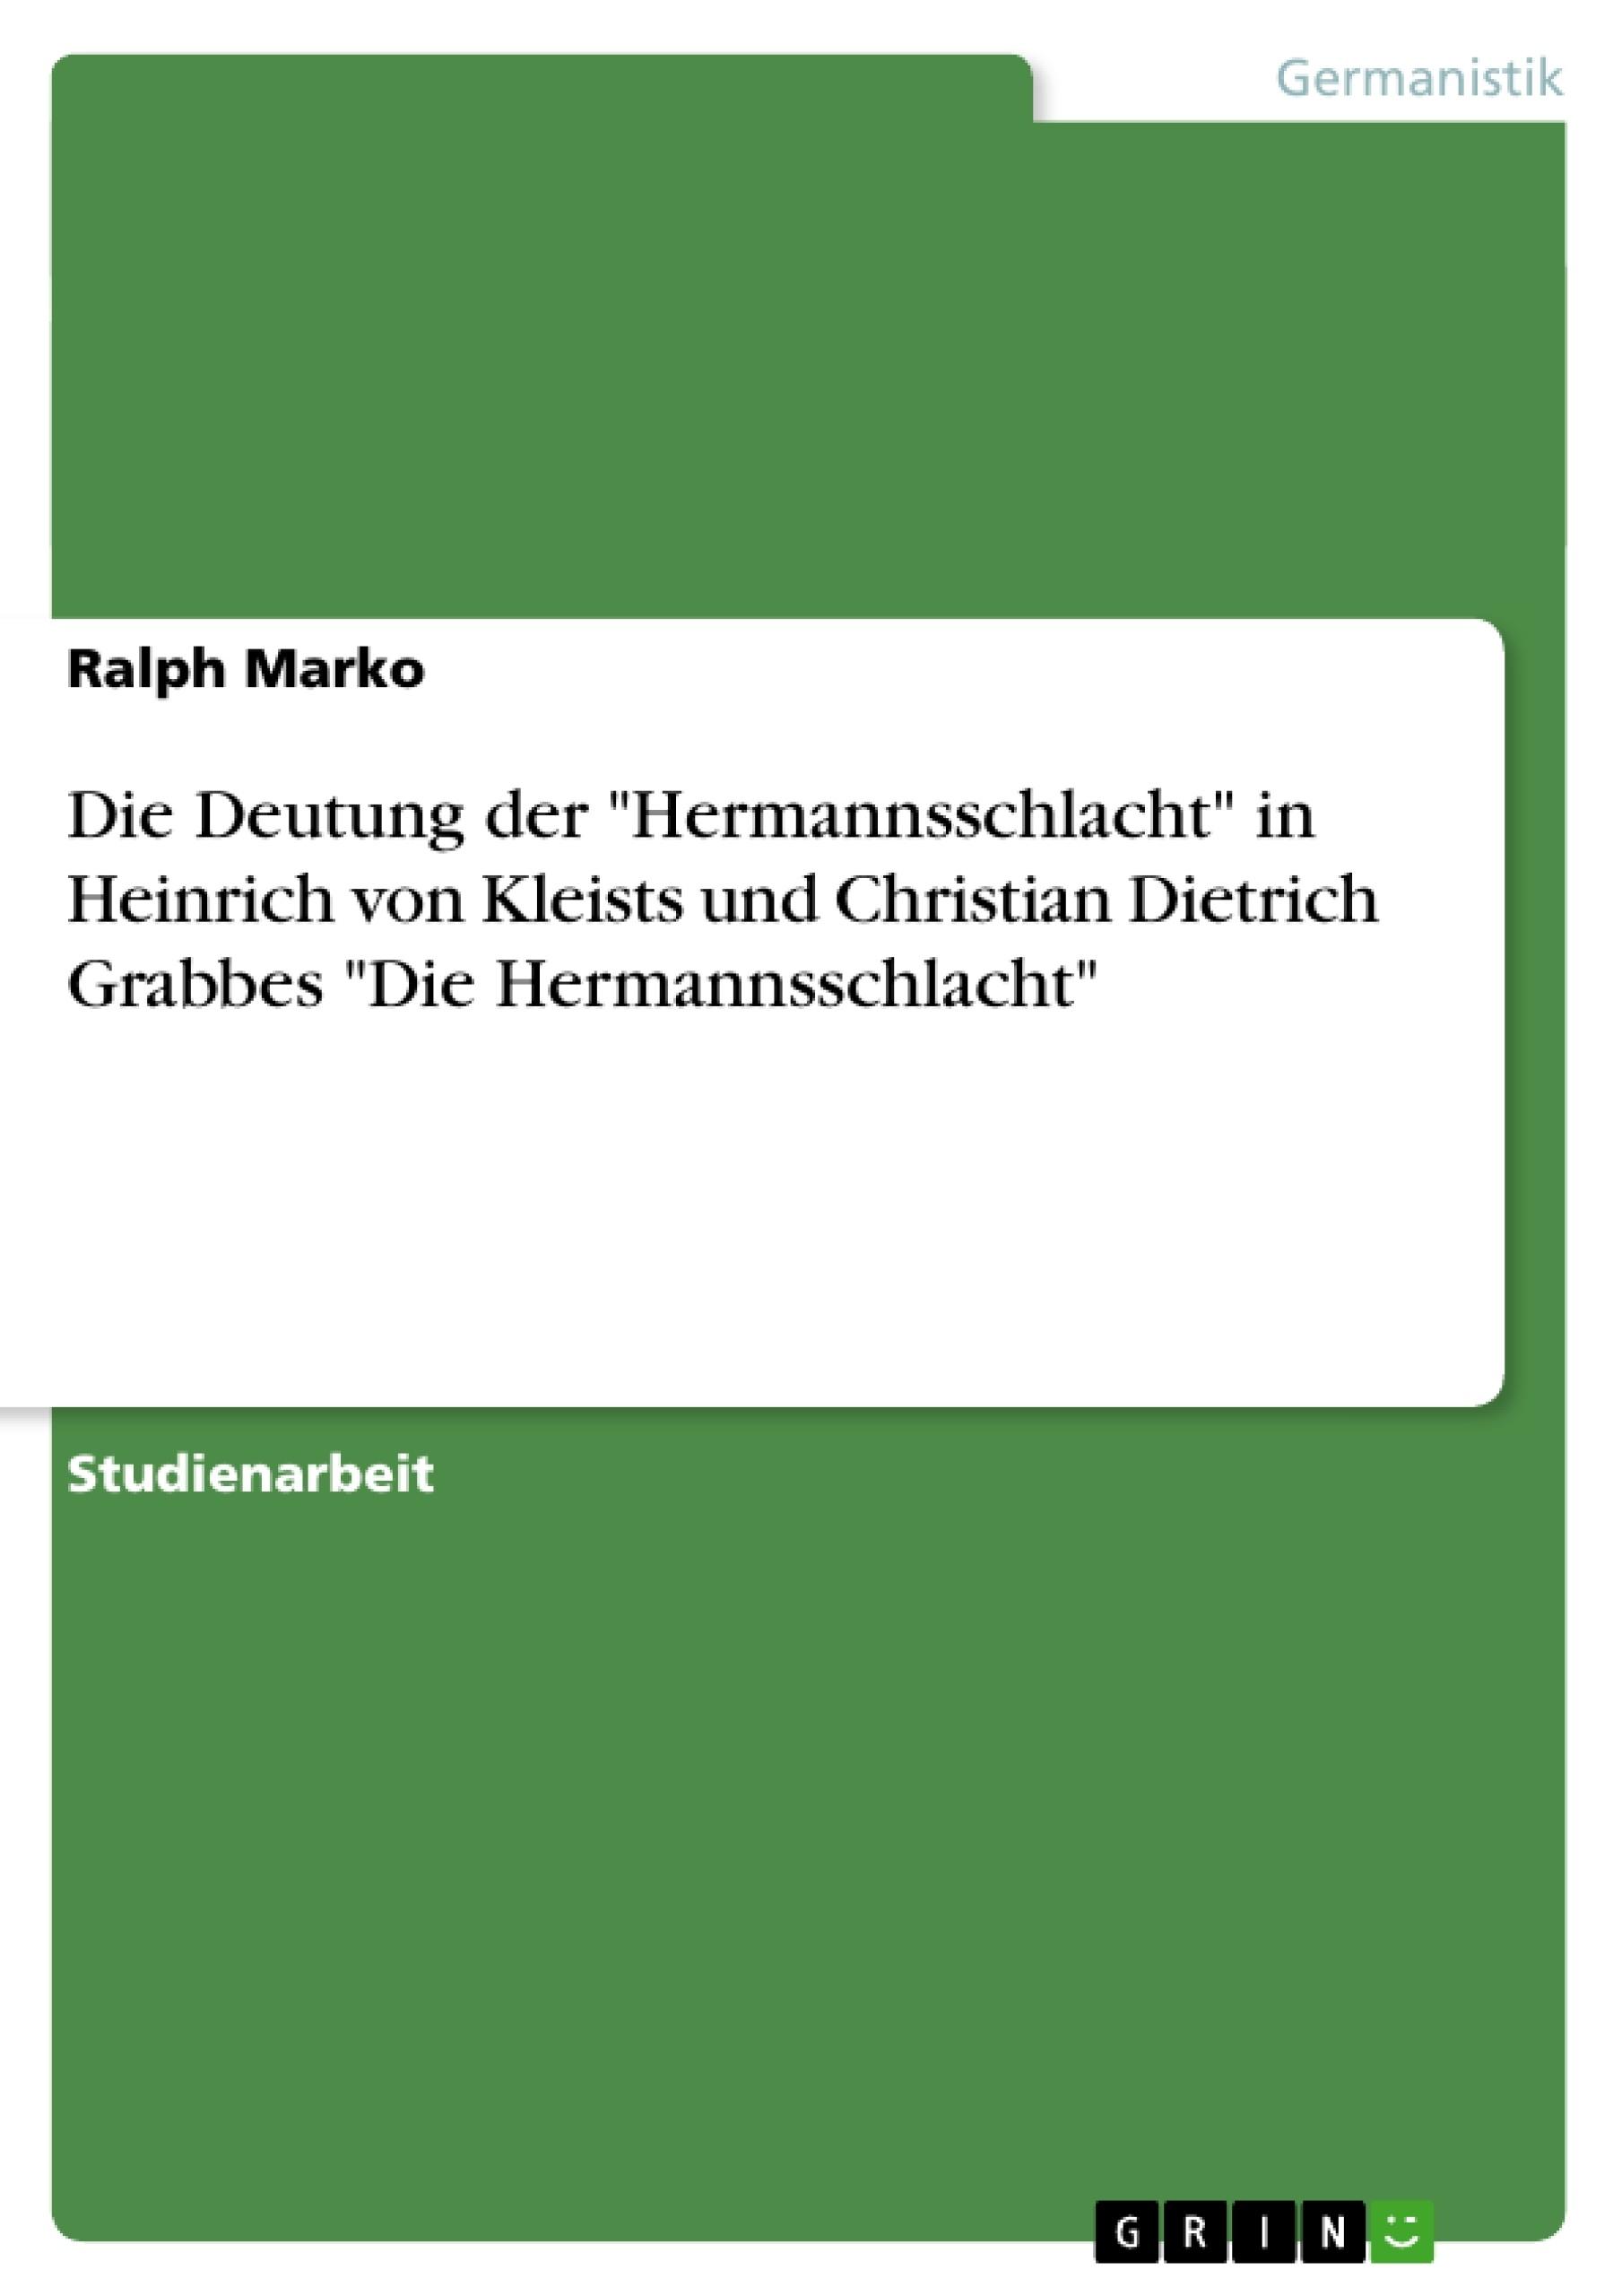 """Titel: Die Deutung der """"Hermannsschlacht"""" in Heinrich von Kleists und Christian Dietrich Grabbes """"Die Hermannsschlacht"""""""